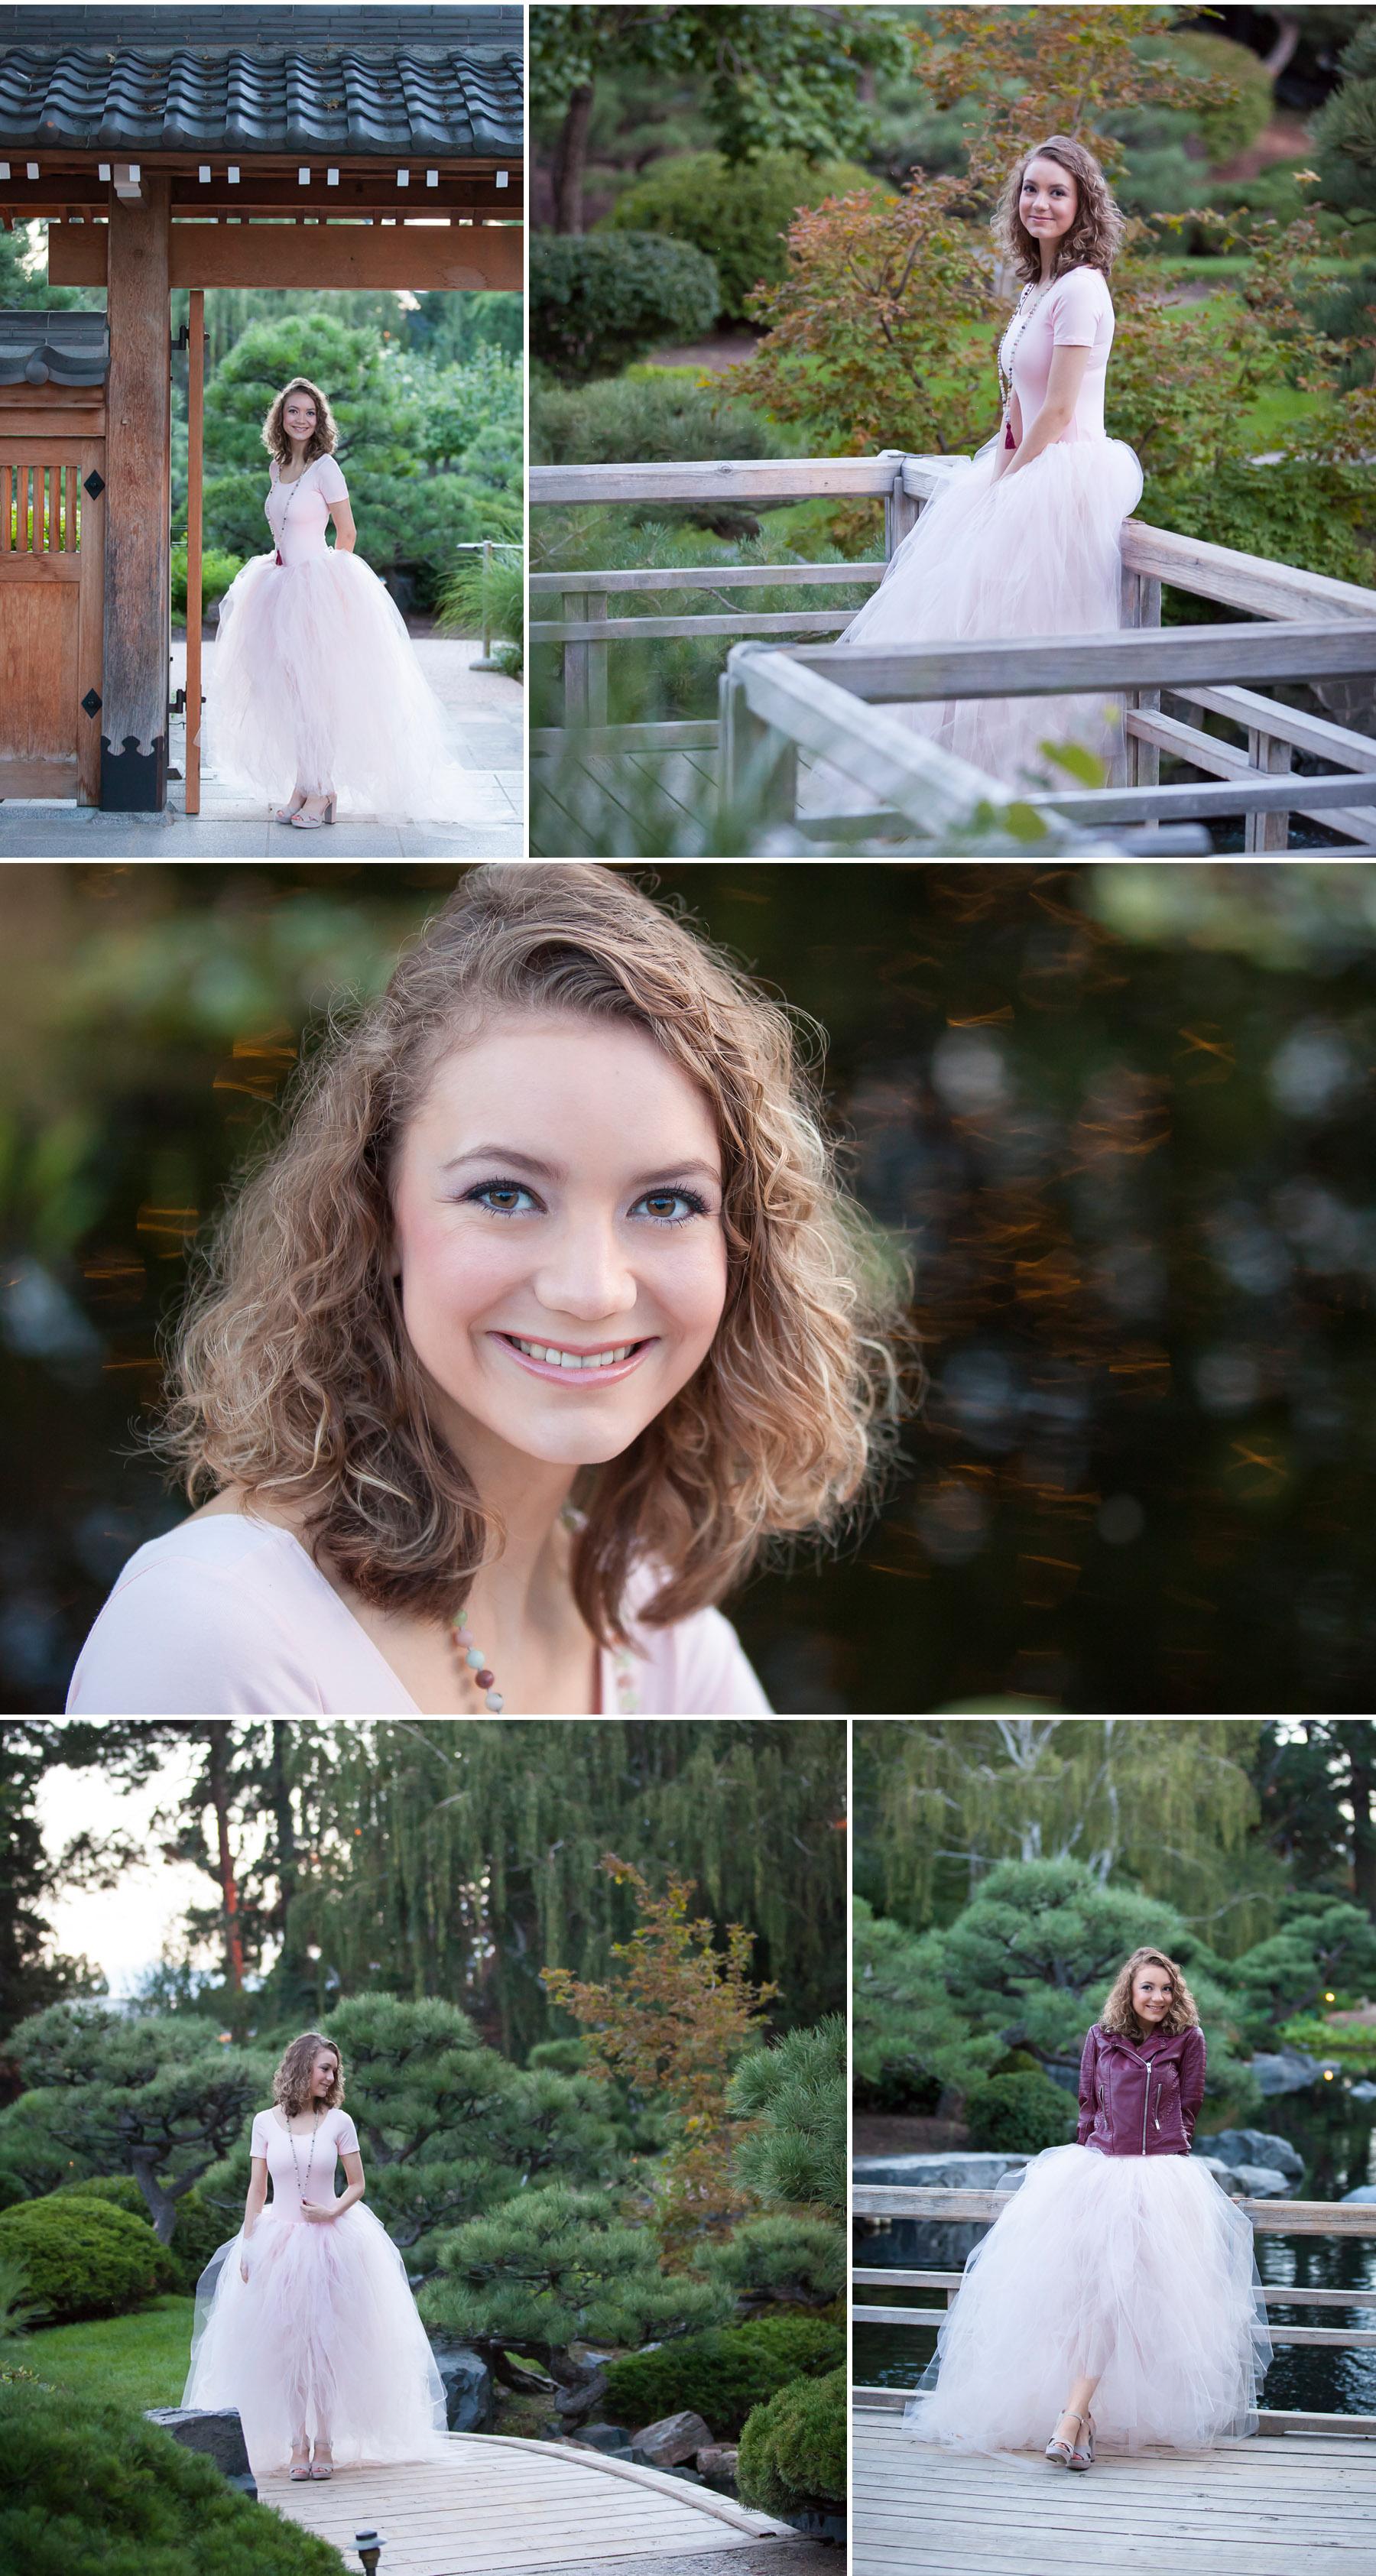 High School Senior Pictures in Japanese Garden at Denver Botanic Gardens, photographer Jennifer Koskinen, Merritt Portrait Studio